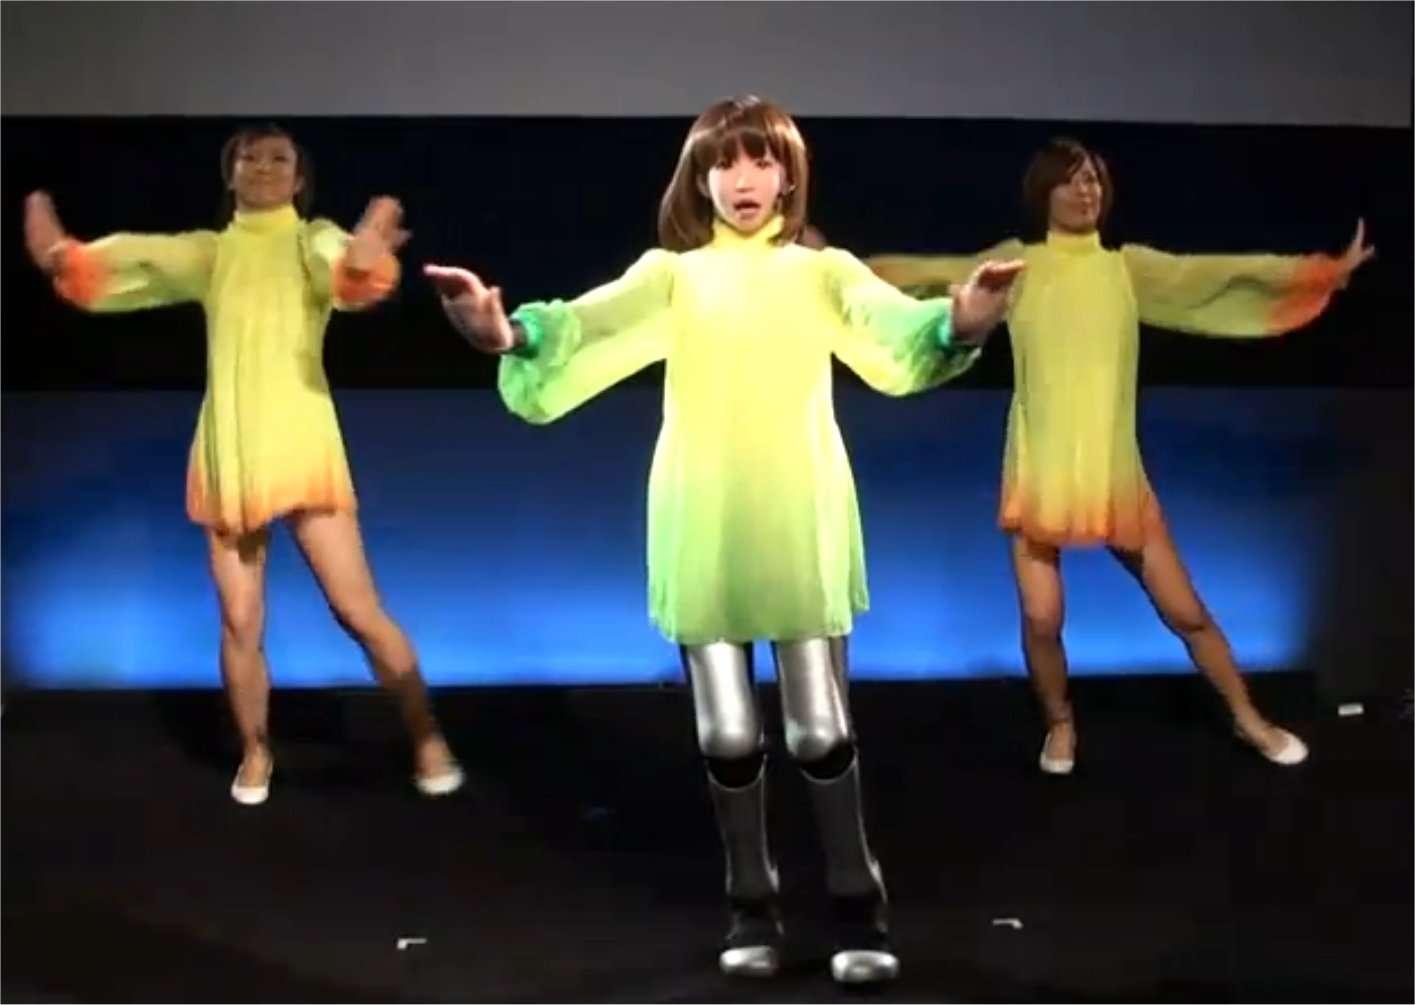 HRP 4C, un (une ?) robot anthropoïde, conçu au Japon par l'AIST, au milieu de danseuses humaines. Pour l'instant, il est facile de faire la différence... © AIST/YouTube